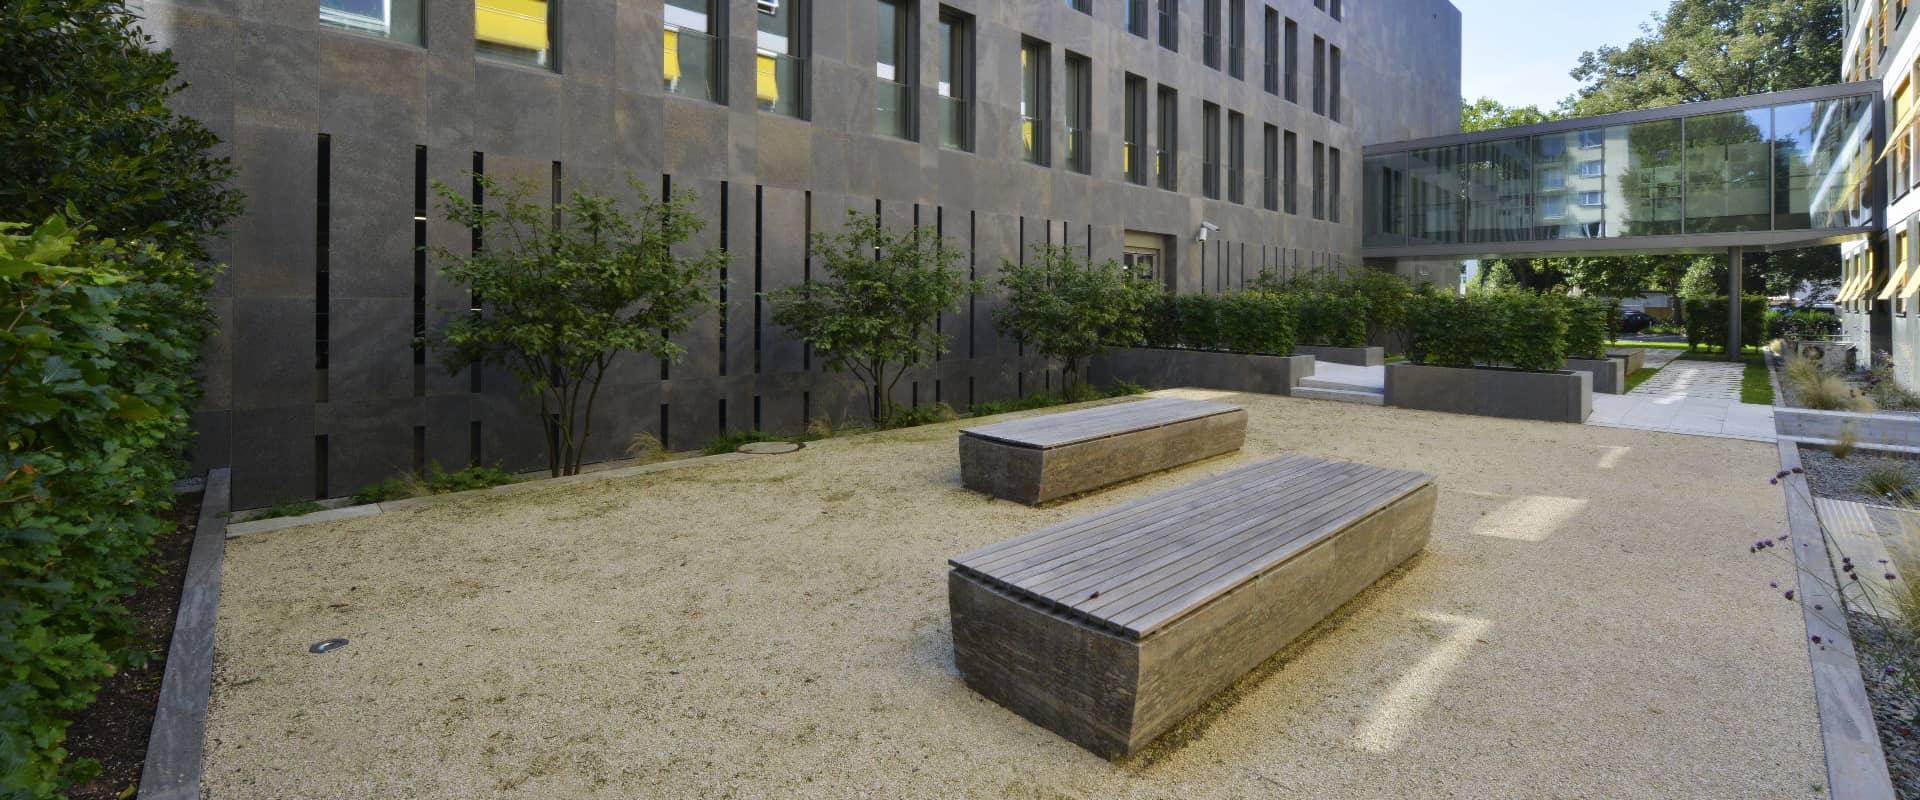 Full Size of Bauhaus Gartenbrunnen Wien Solar Bohren Baumarkt Brunnen Solarbrunnen Online Shop Pumpe Fenster Wohnzimmer Bauhaus Gartenbrunnen